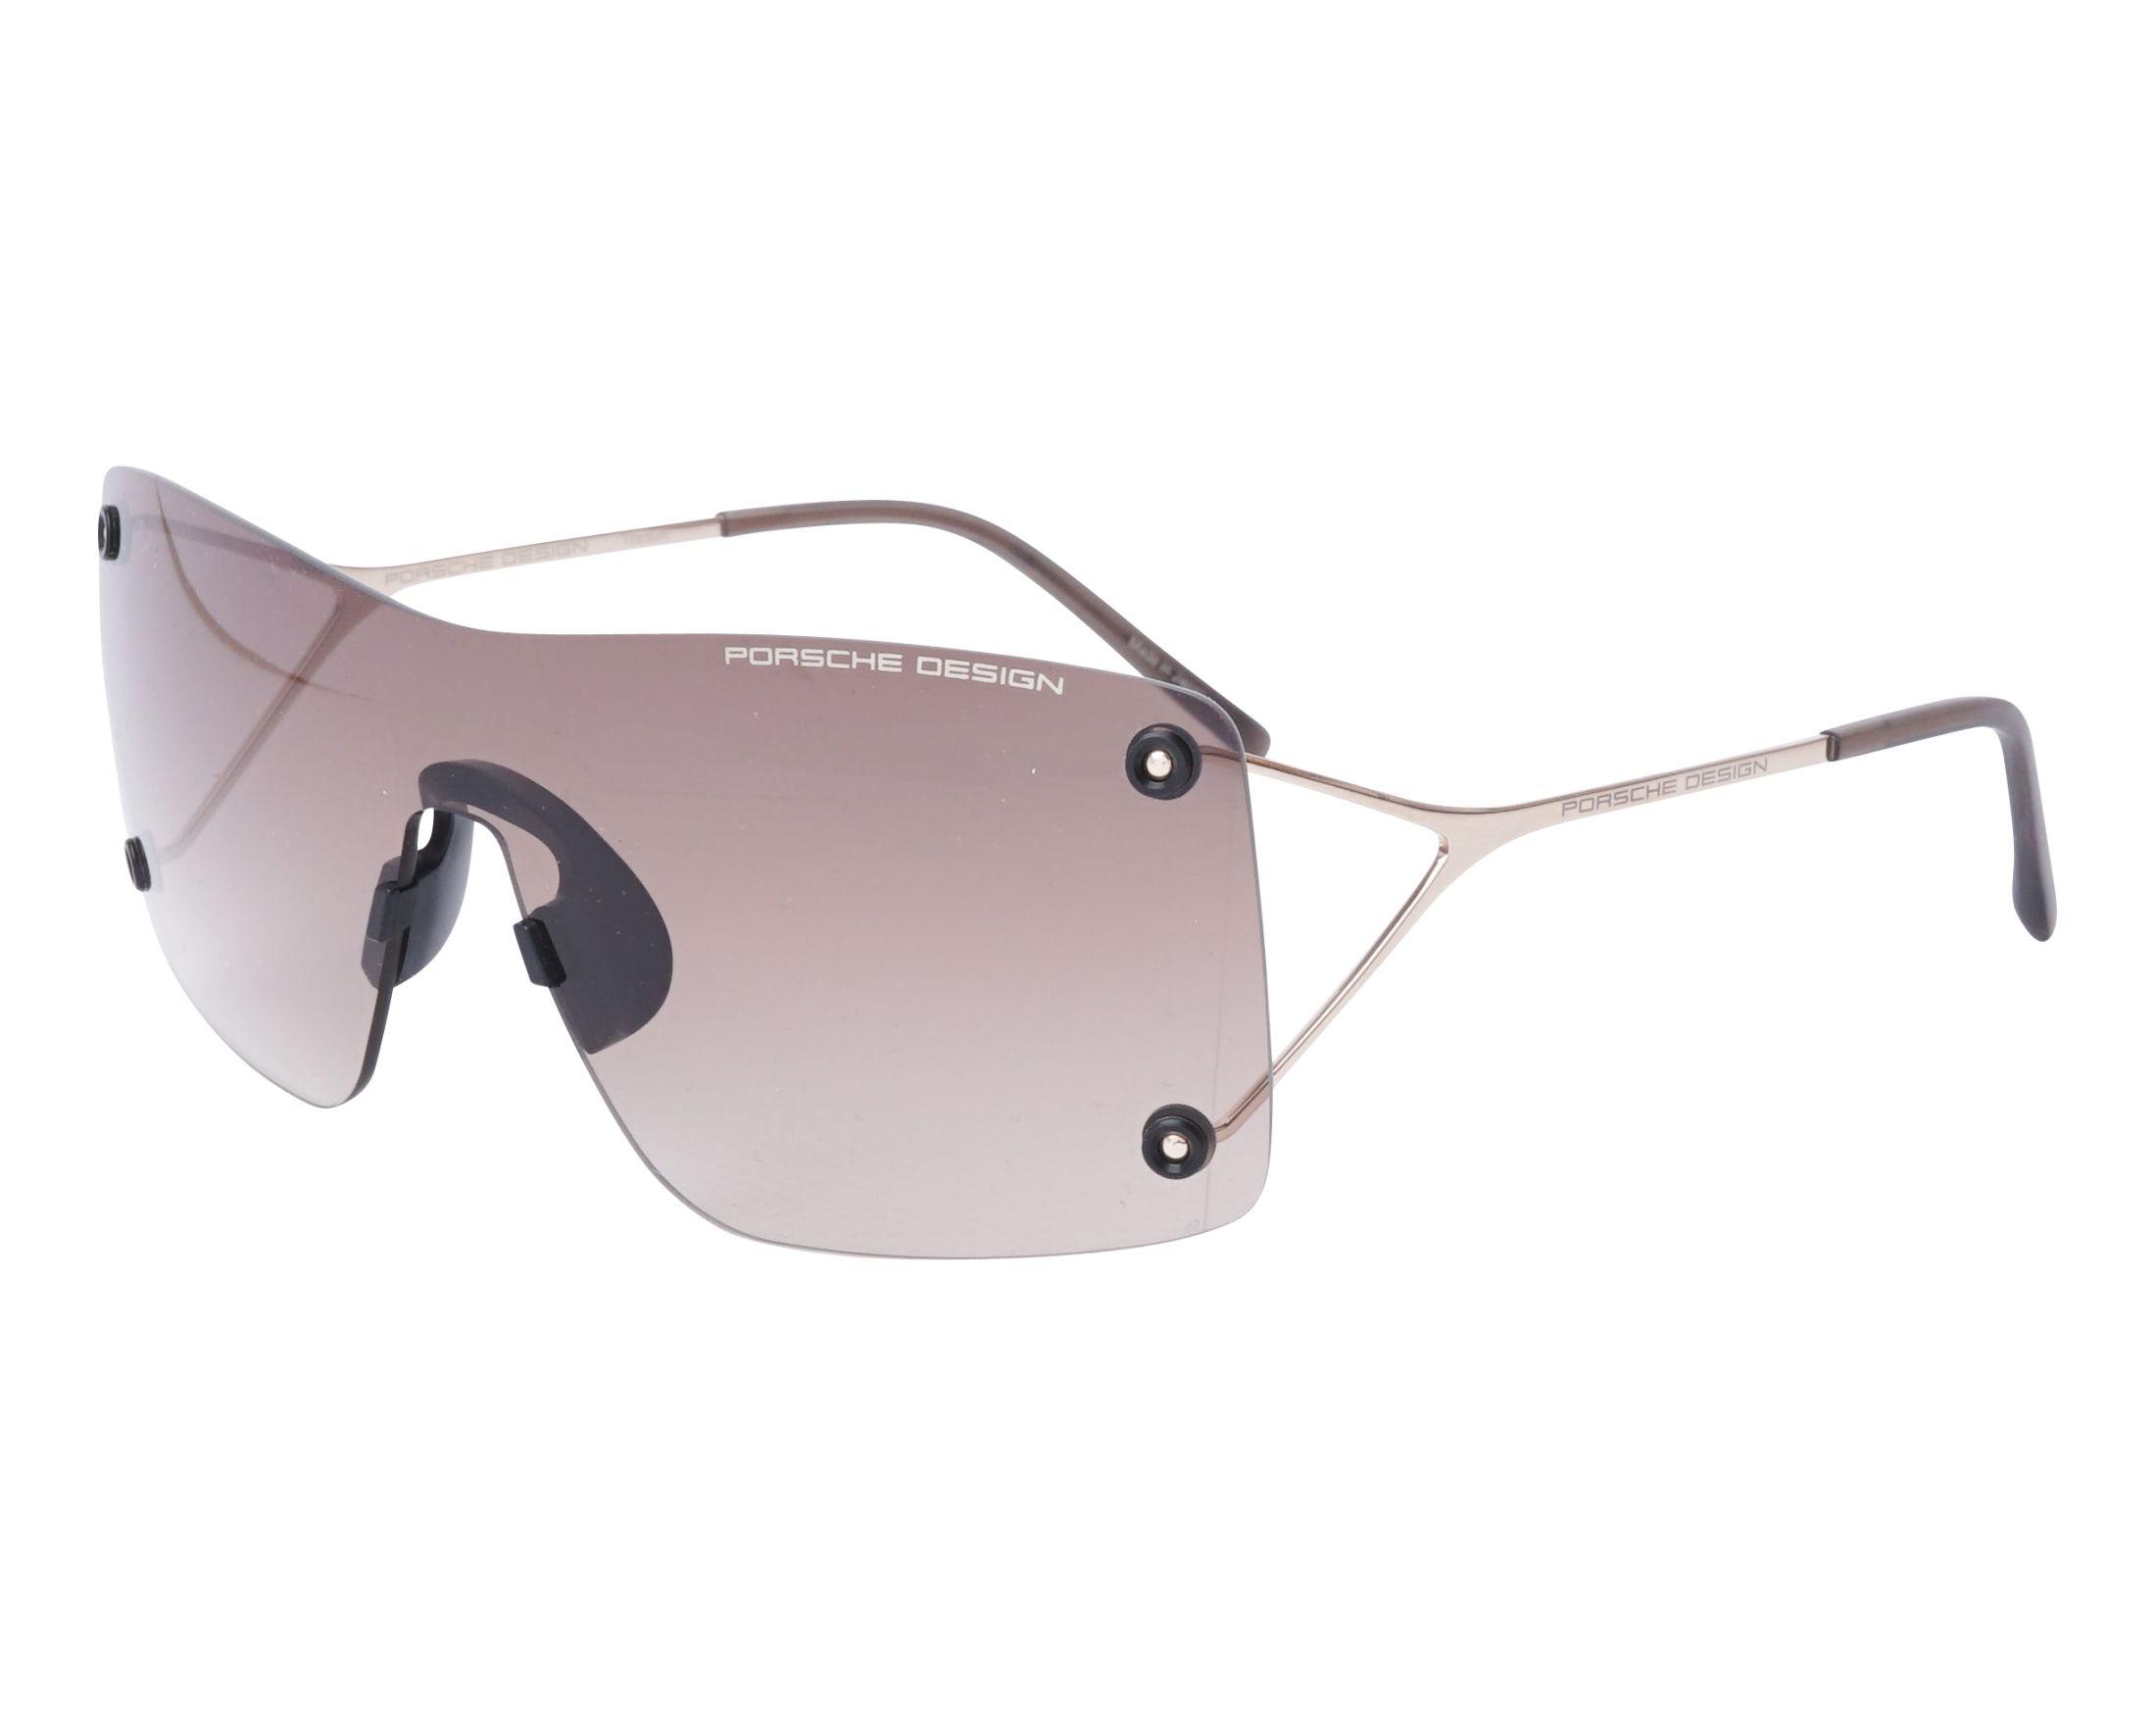 Porsche Design Sonnenbrille (P8620 B 140) XIZKYZl5n